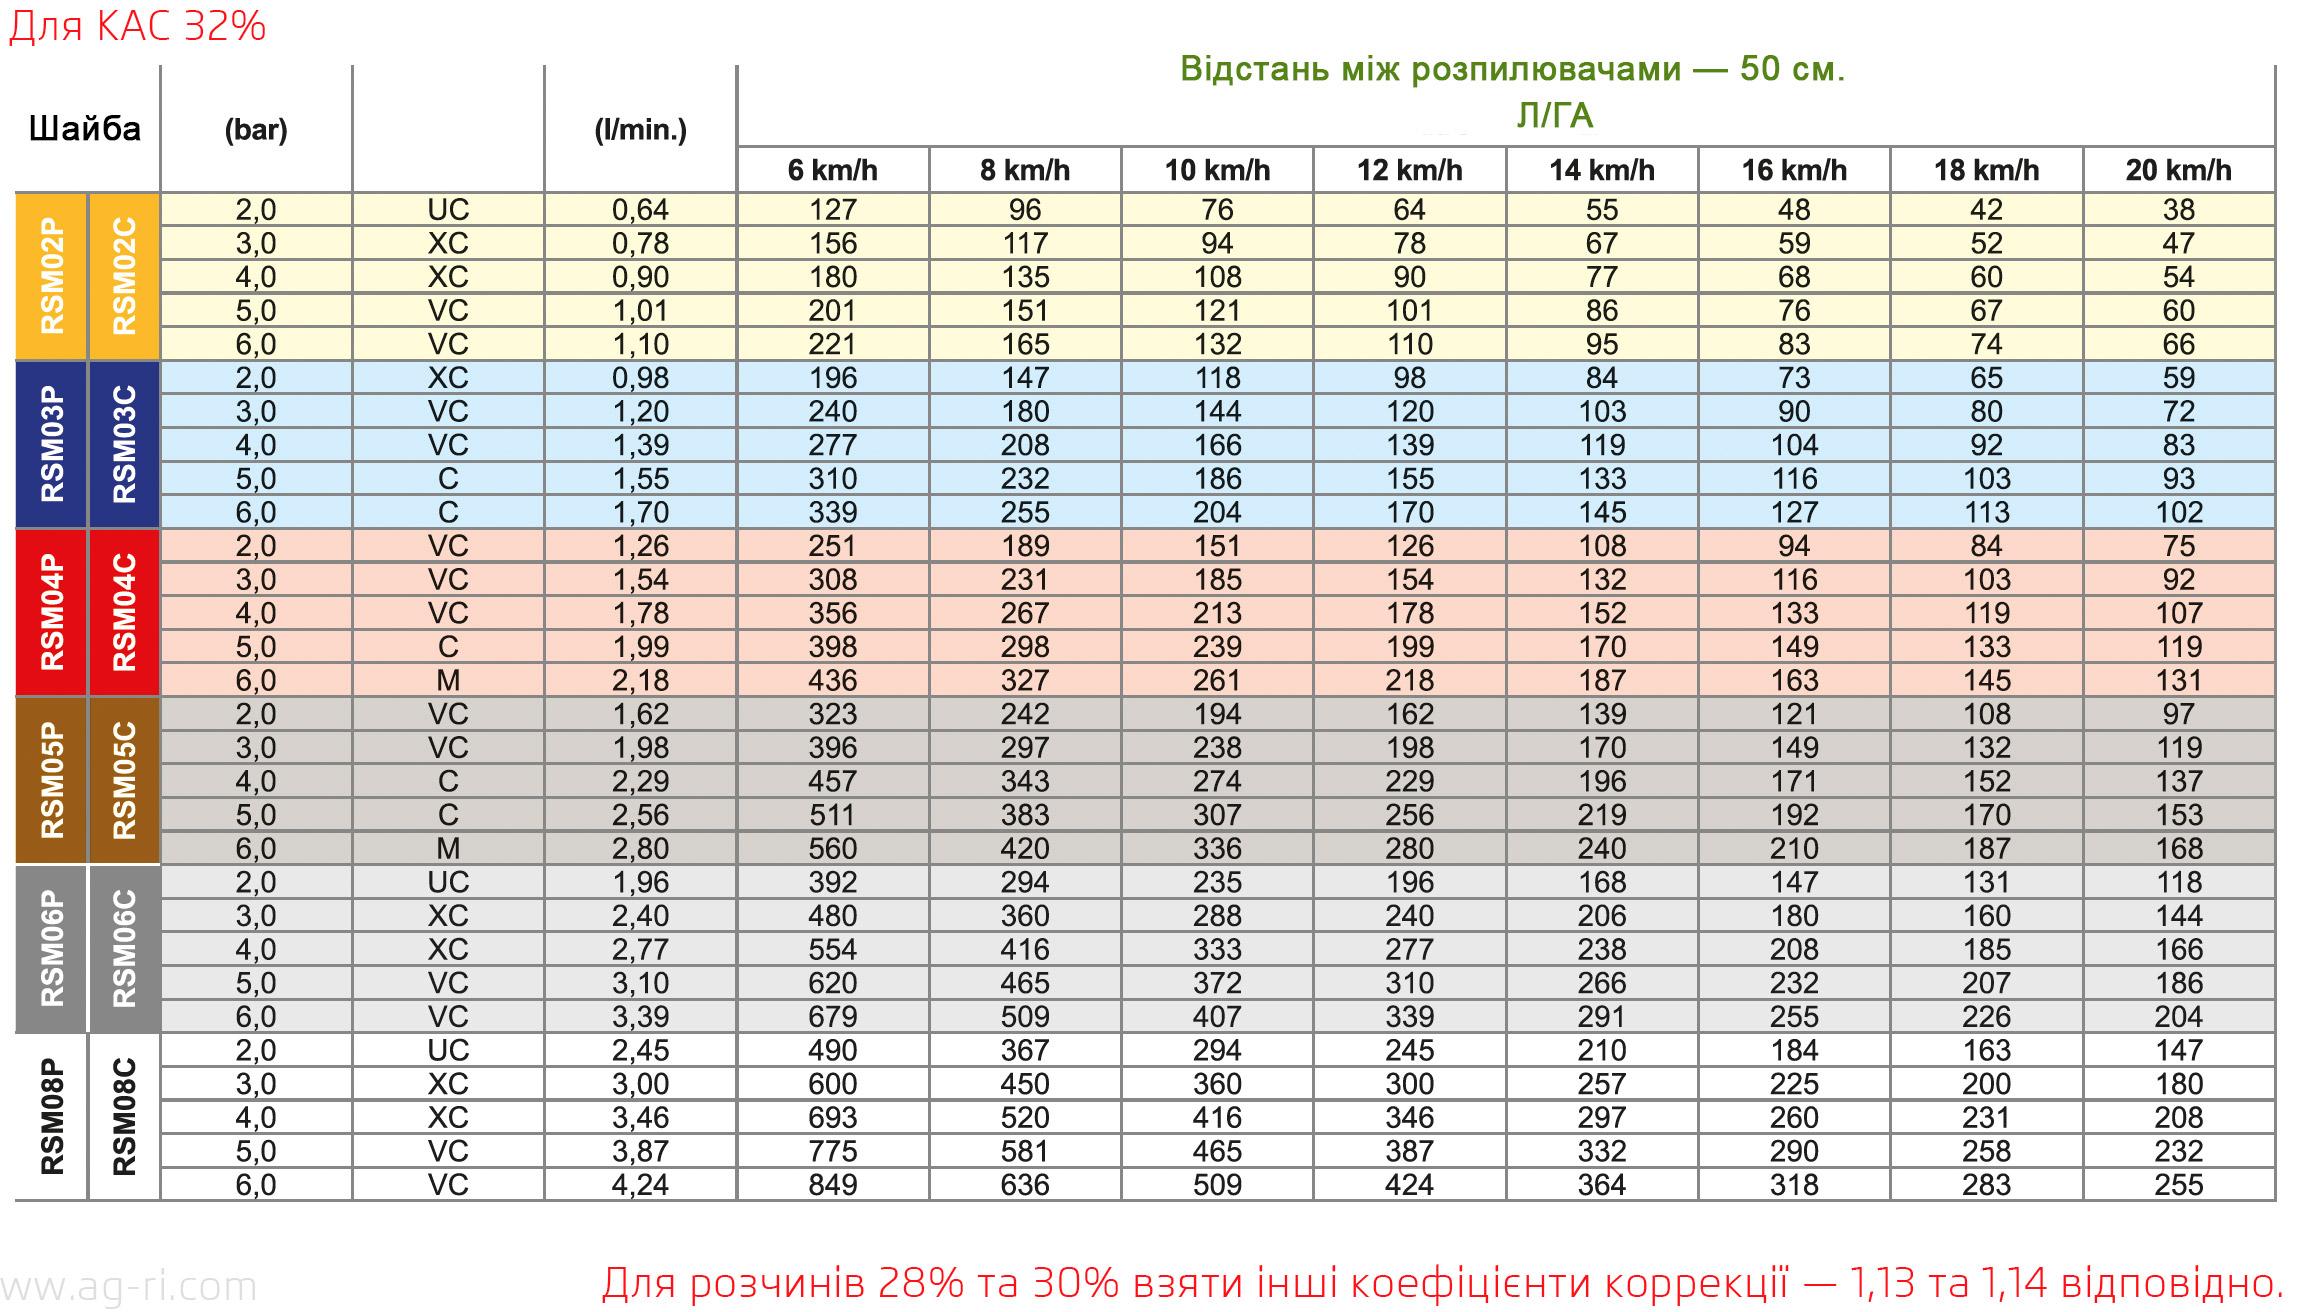 Таблица норм вылива шайбы RSM